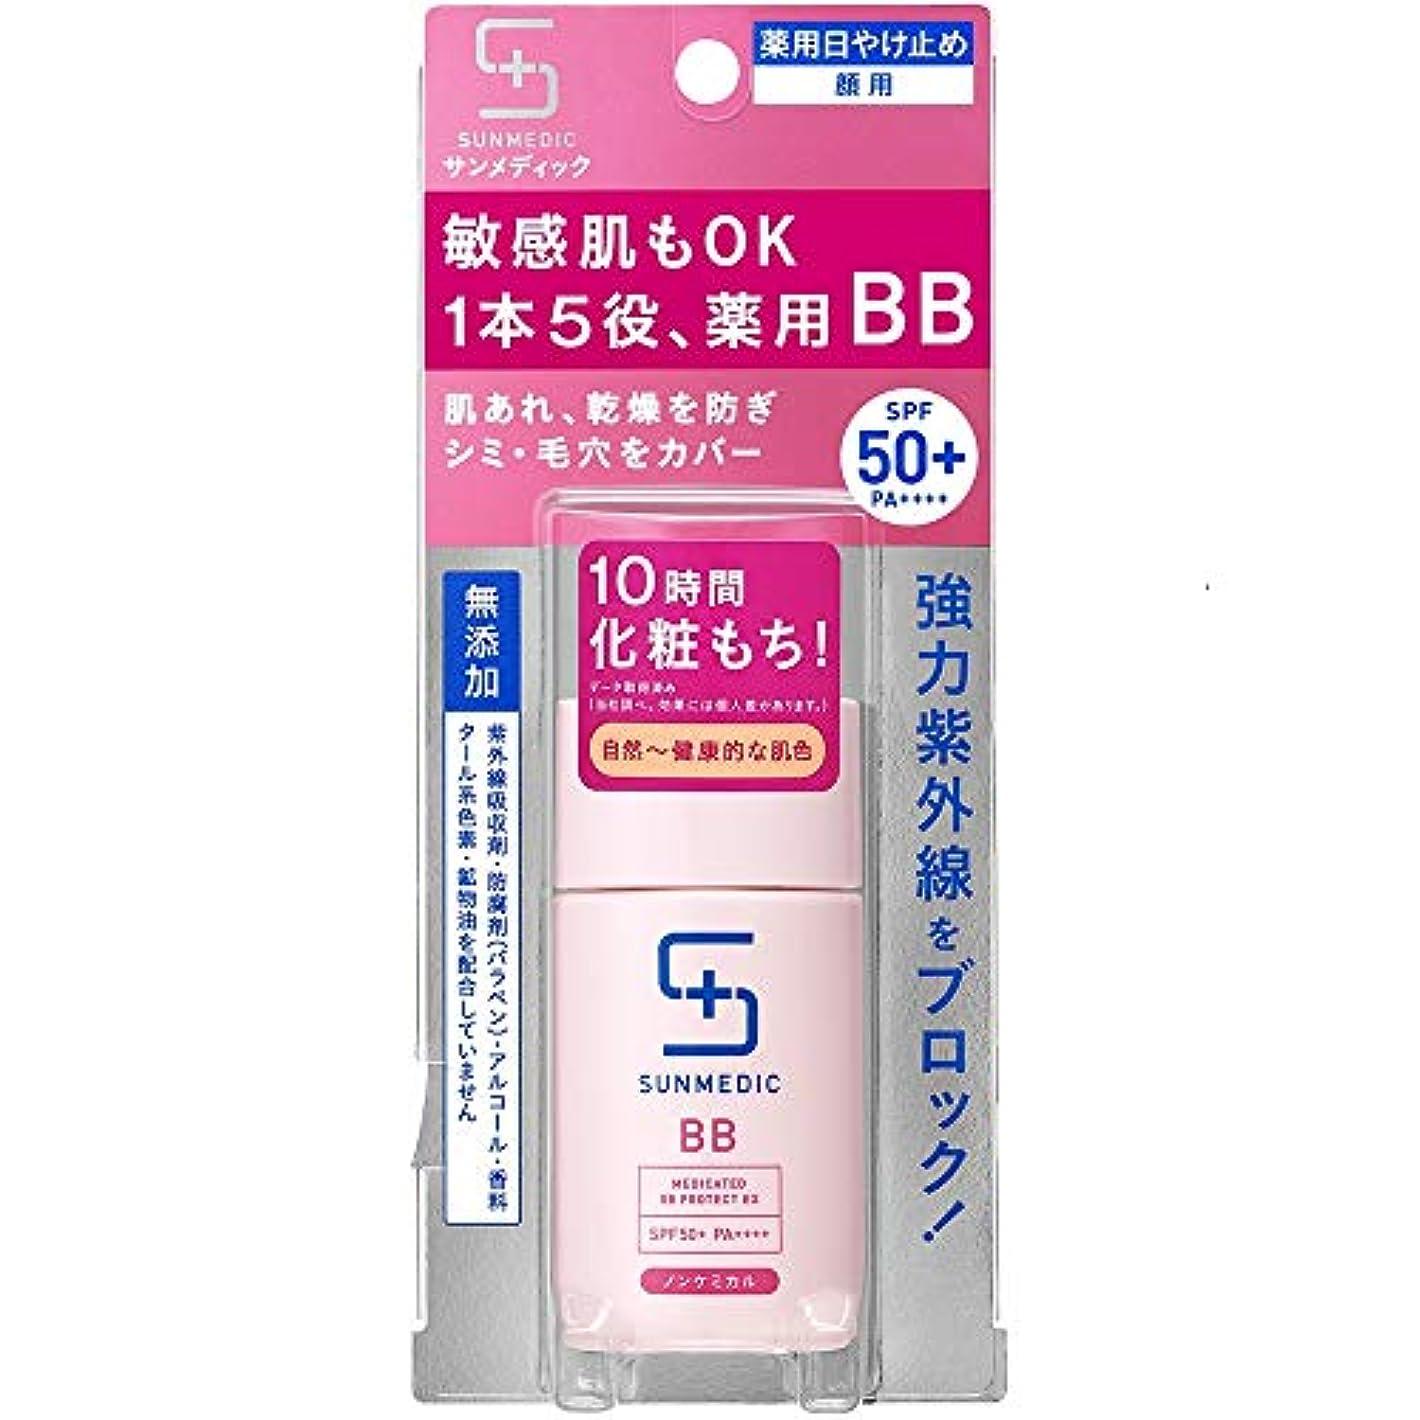 浴室部門ビートサンメディックUV 薬用BBプロテクトEX ナチュラル 30ml (医薬部外品)